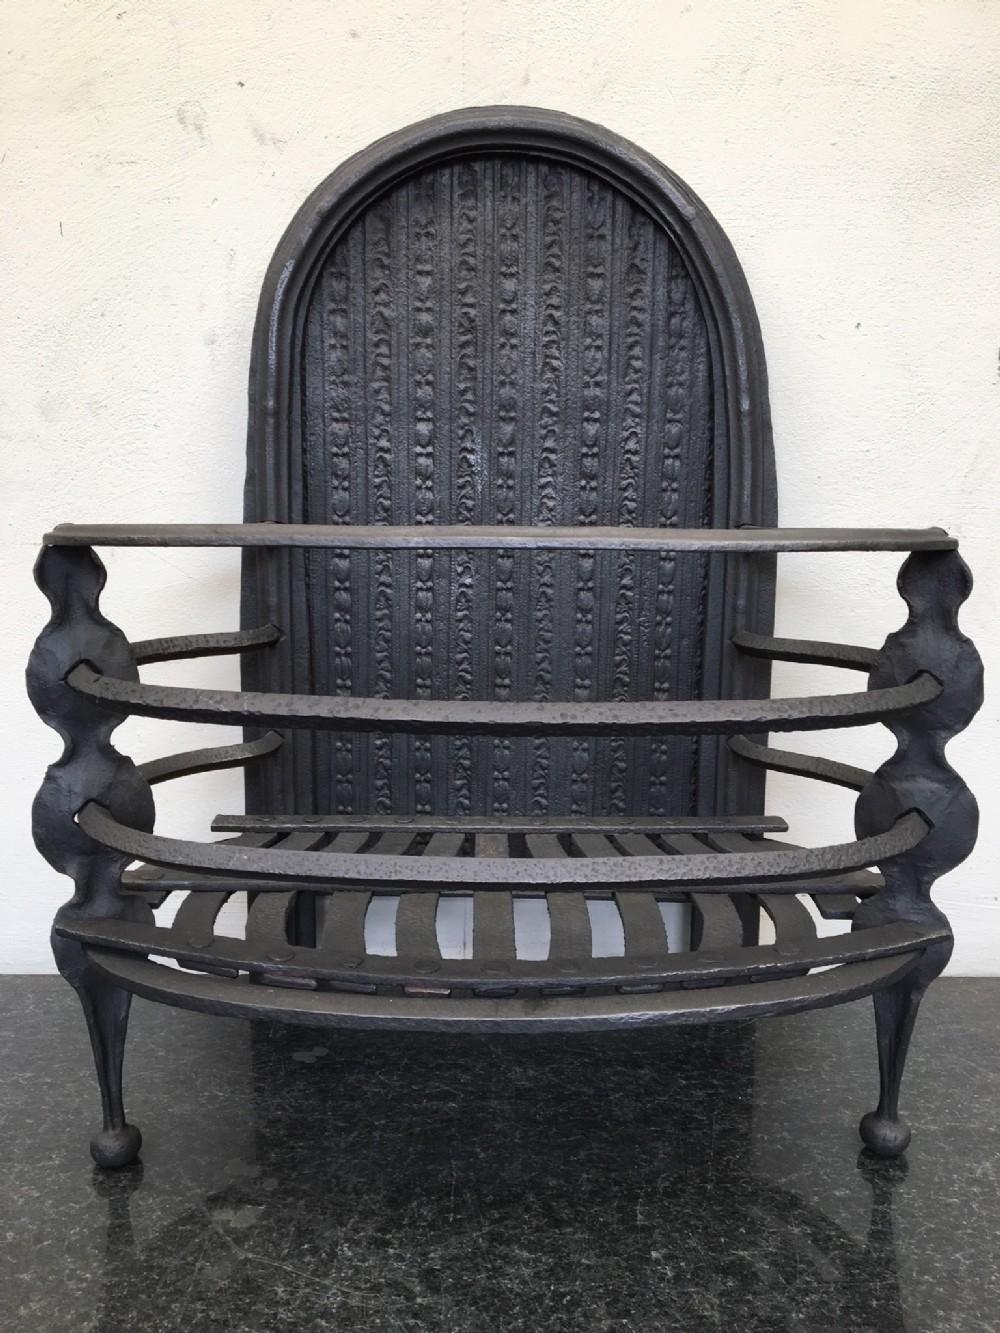 georgian cast iron open fire grate basket fireplace